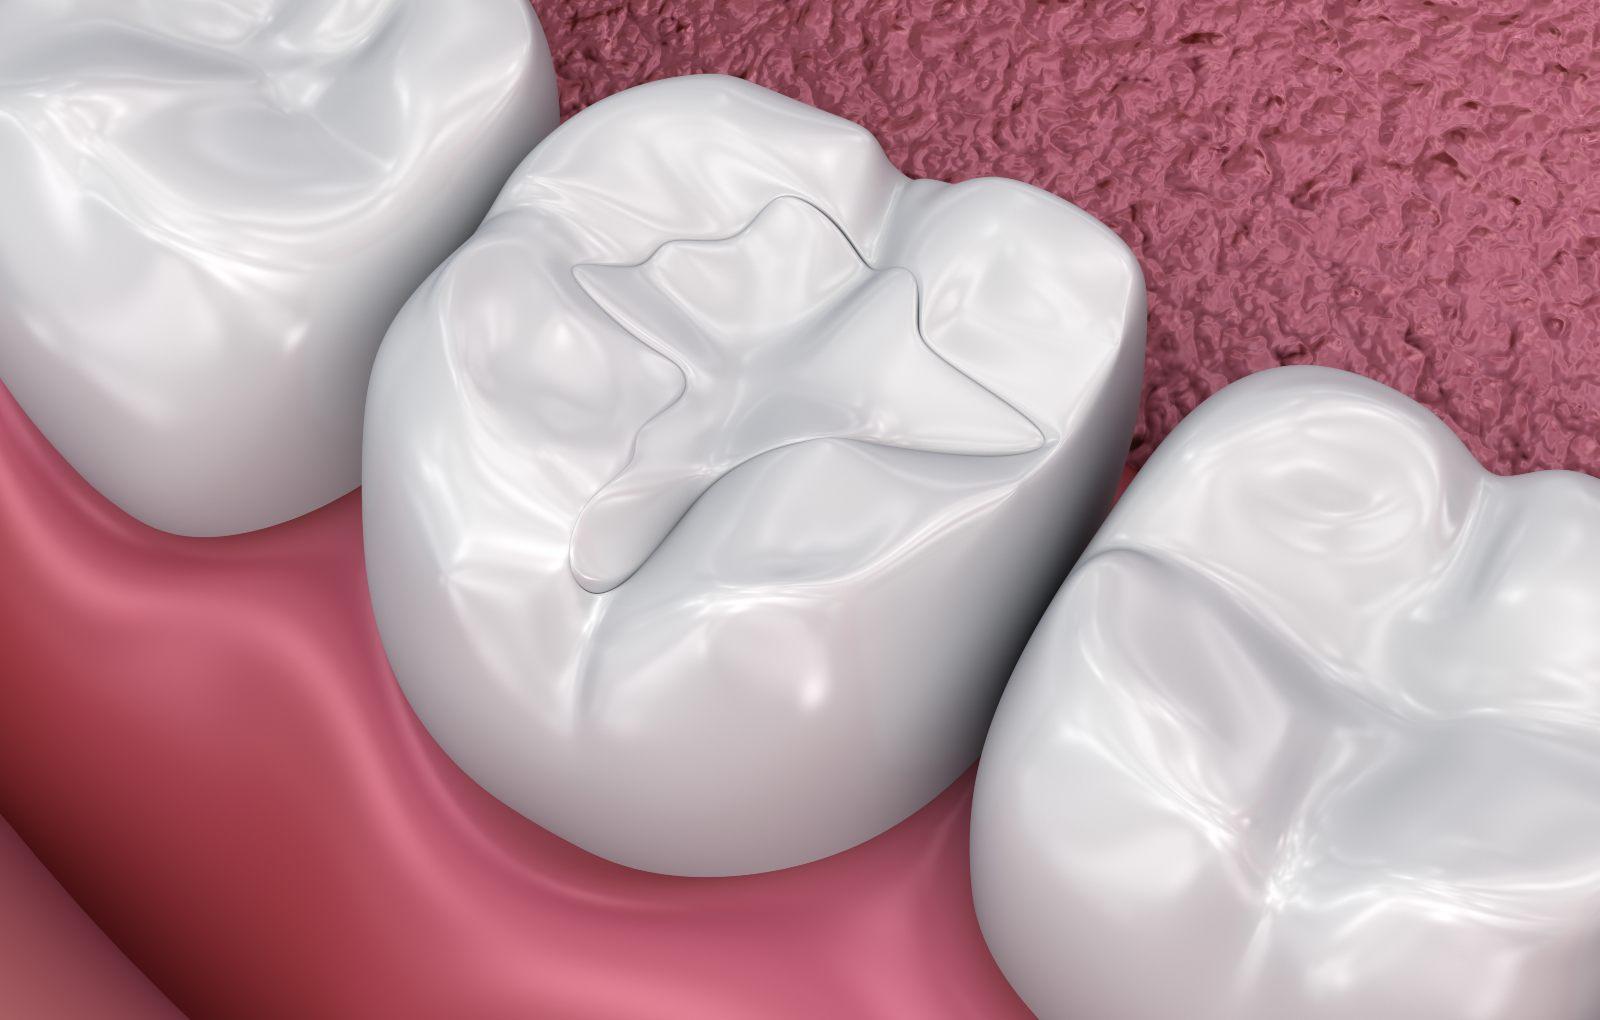 close up of dental filling